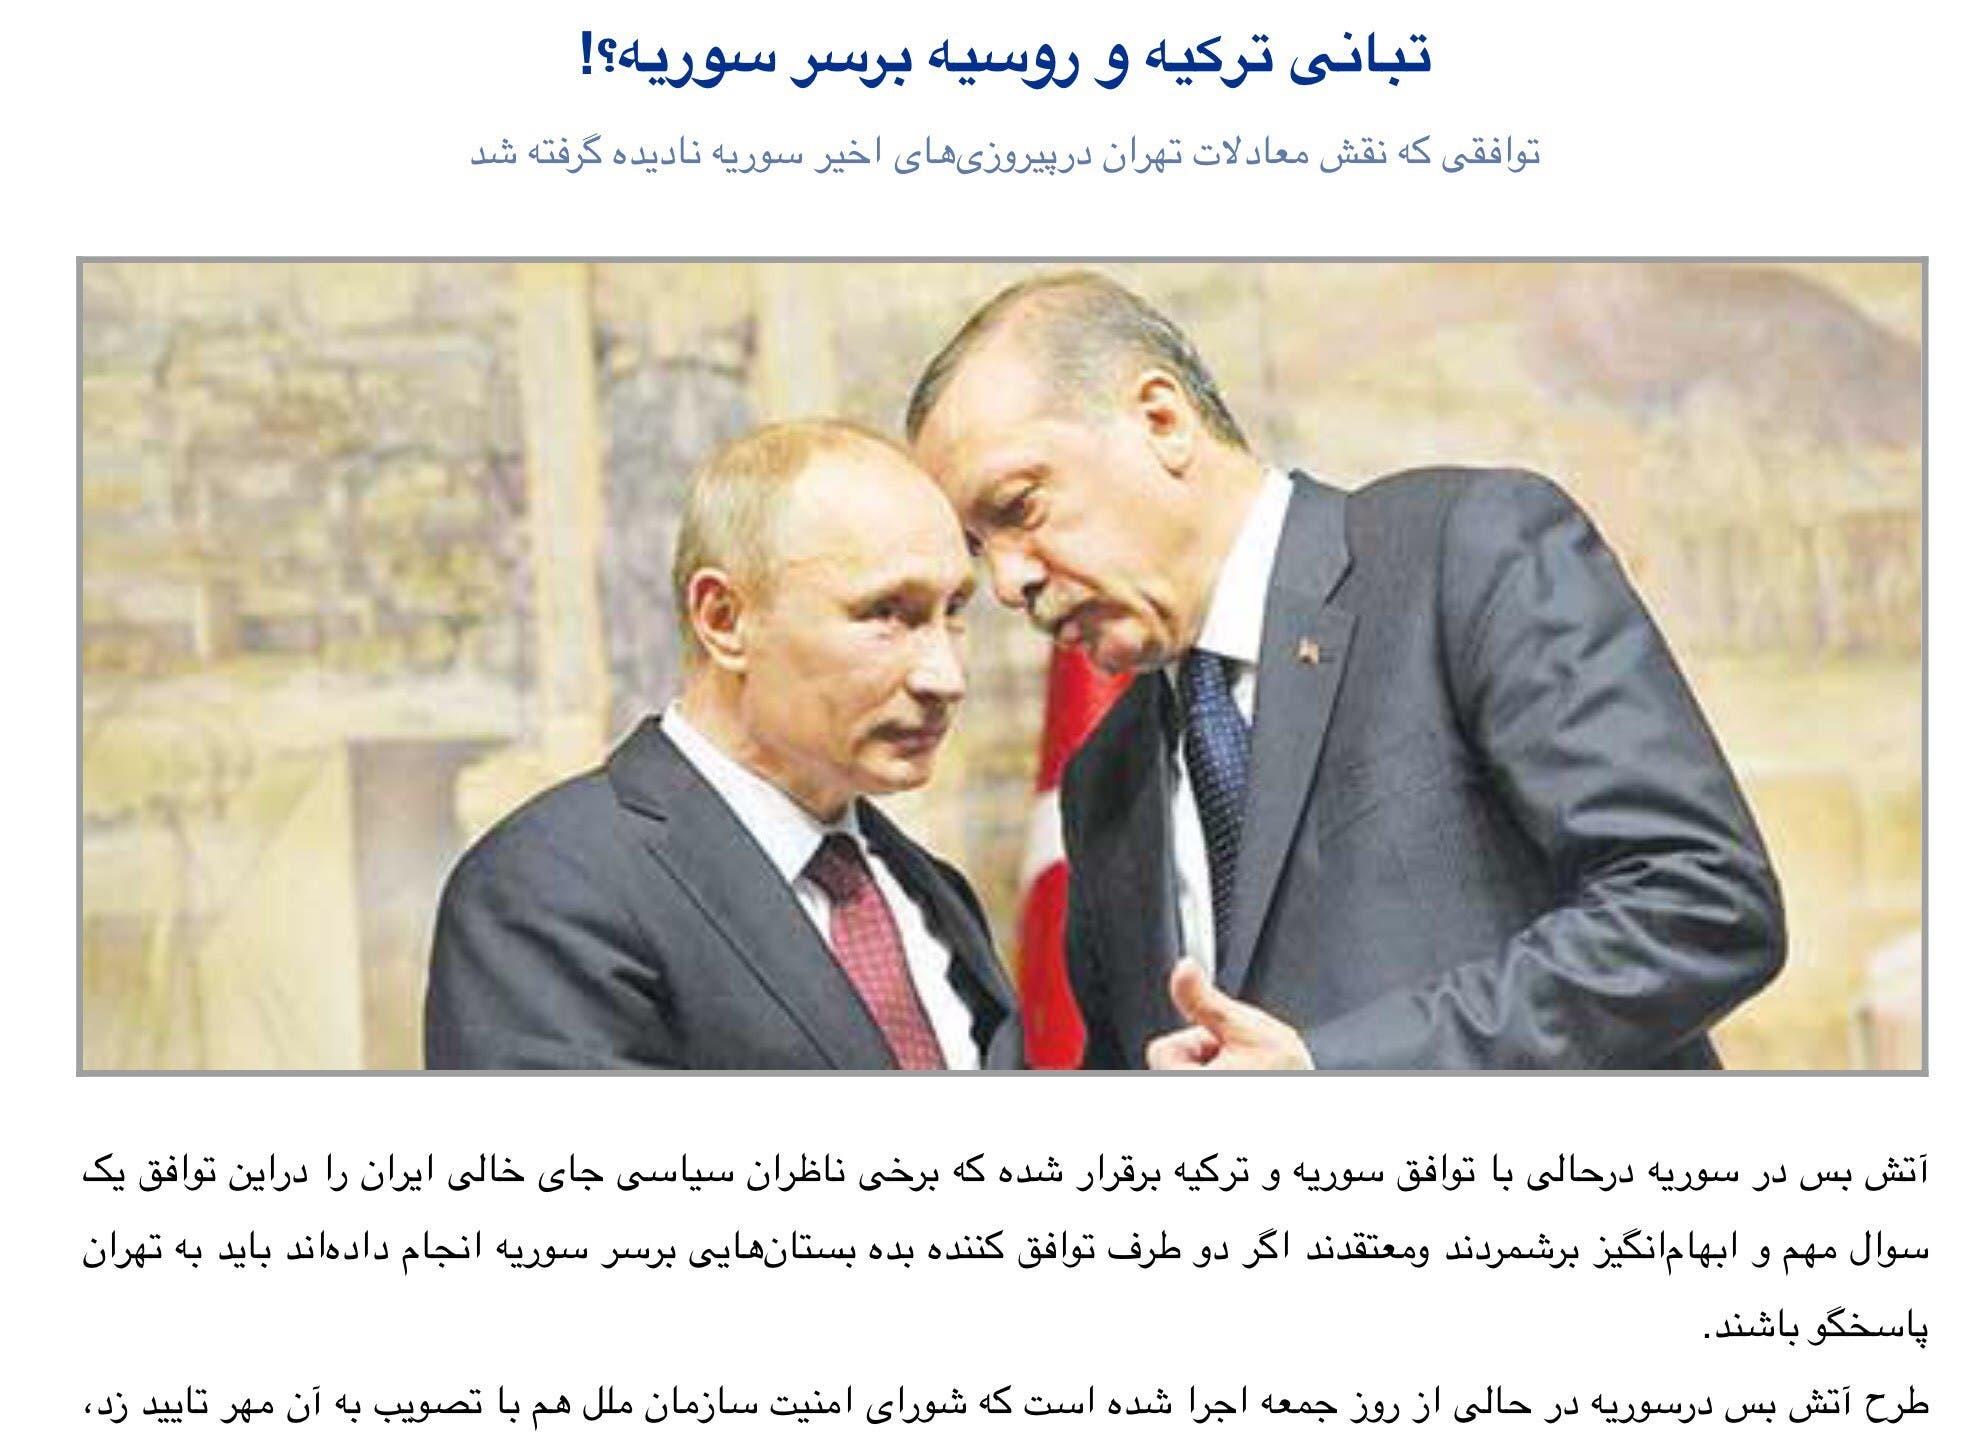 الصحيفة الإيرانية